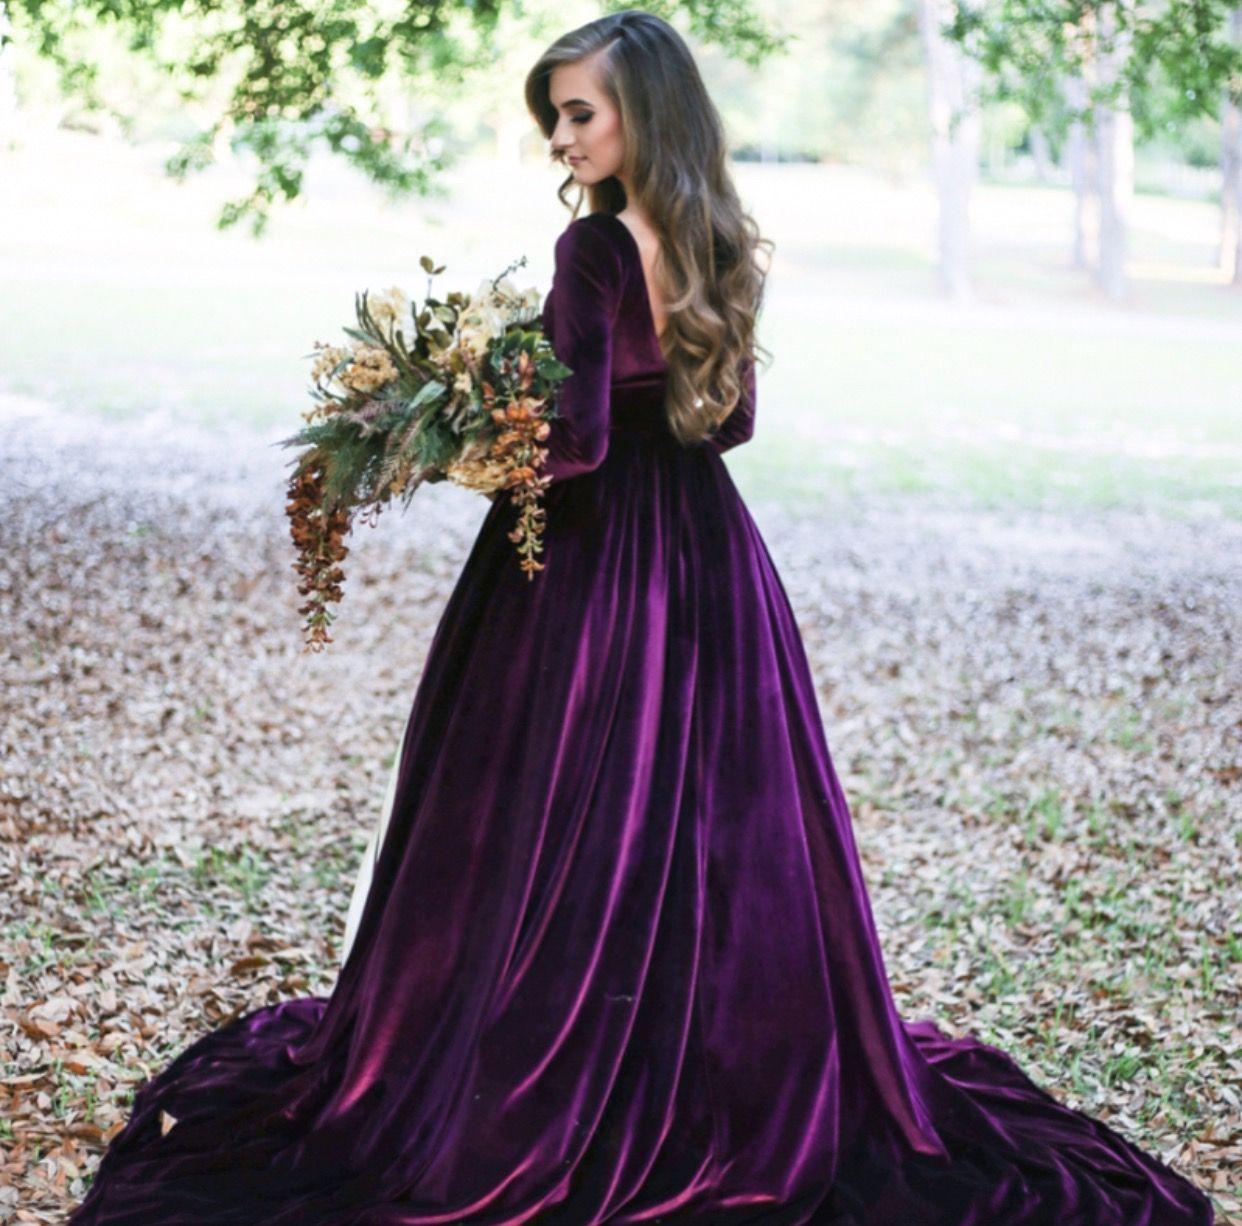 All velvet prom dress dresses to dance the night away